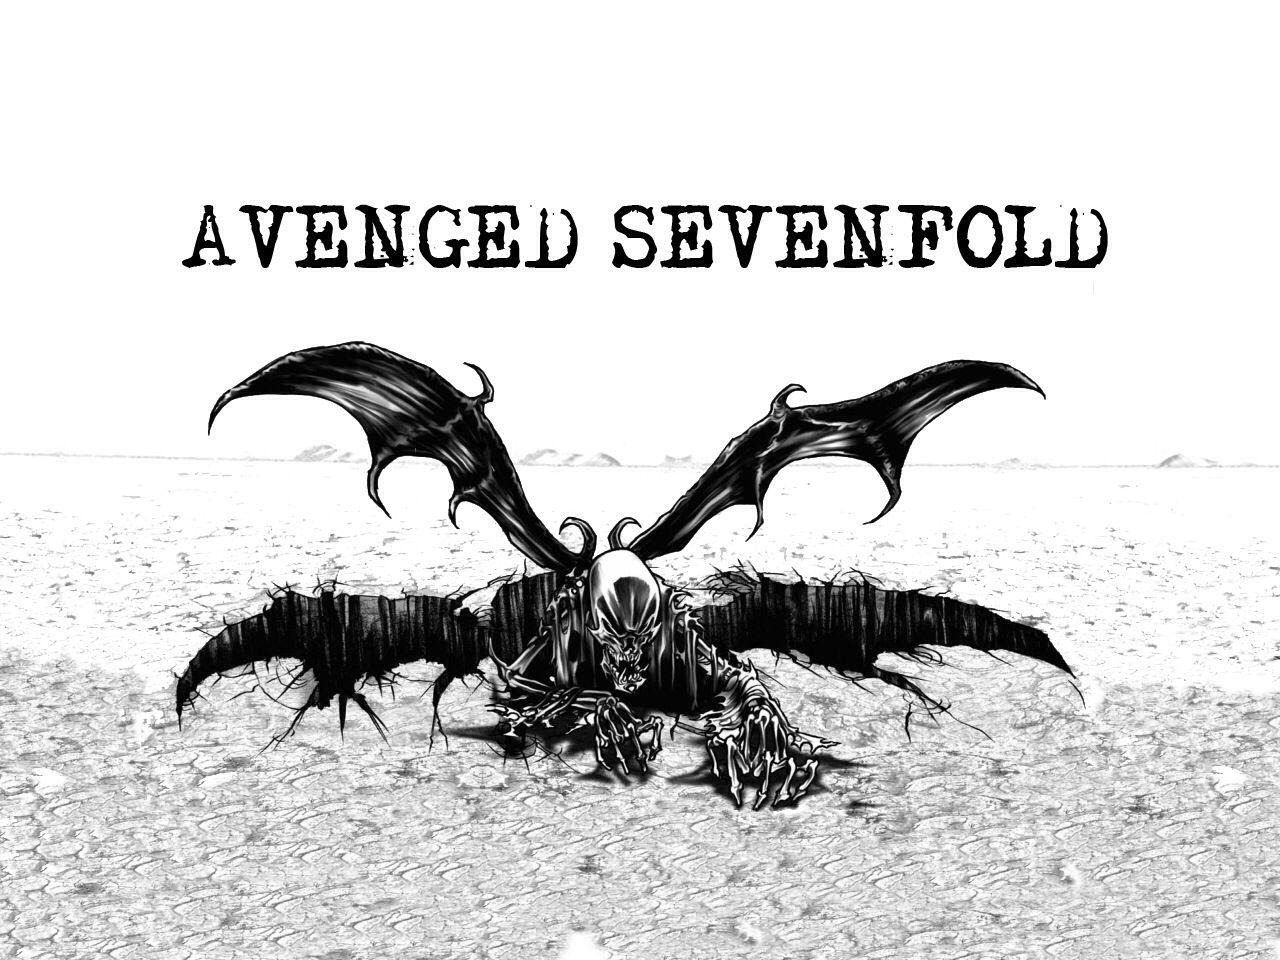 Av av avenged sevenfold tattoo designs - A7x Gotta Love The Sketches On White